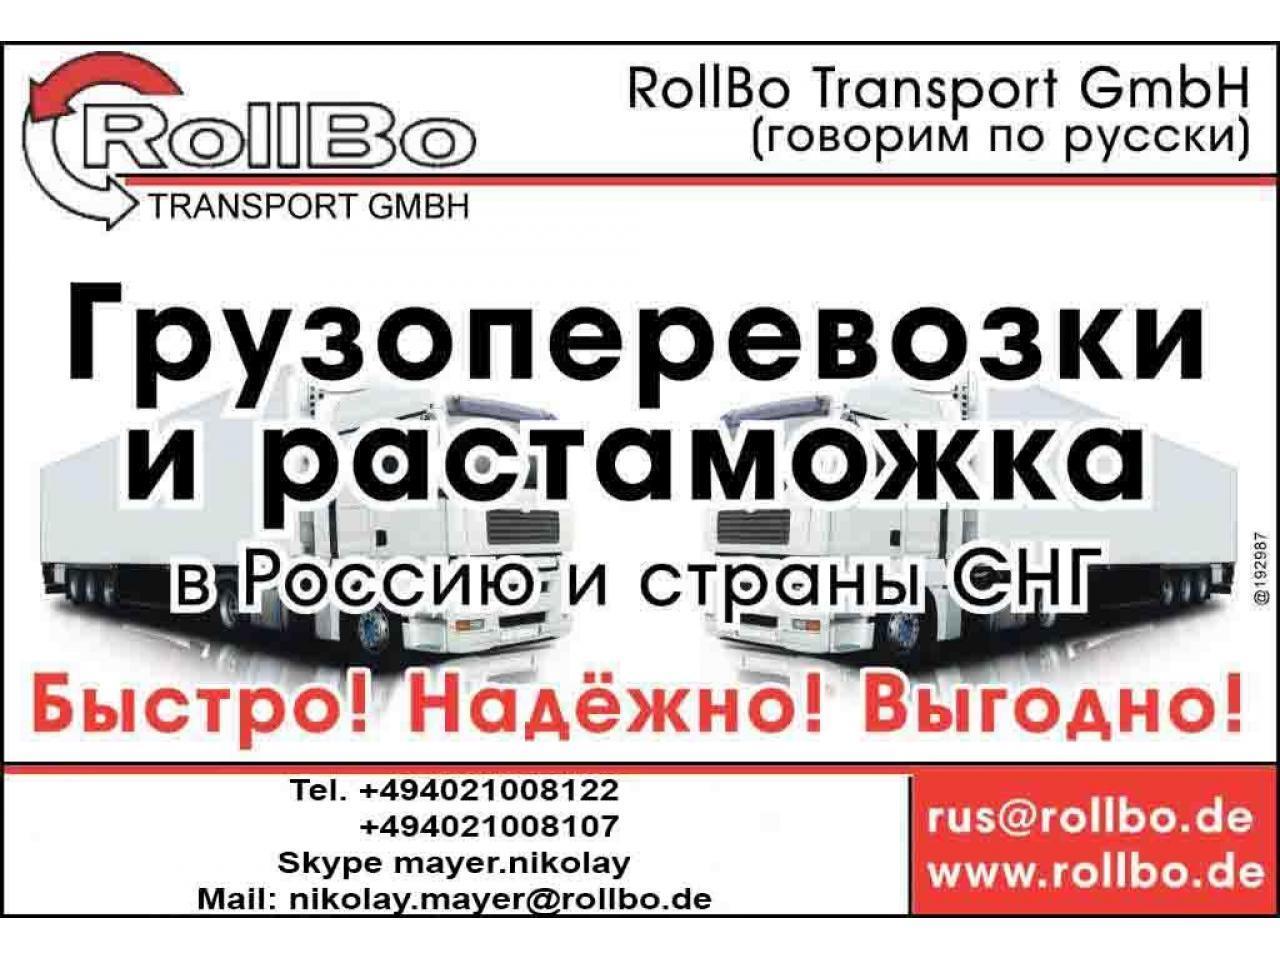 Доставка и растаможка грузов из Велиобритании в Россию, СНГ, Китай - 1